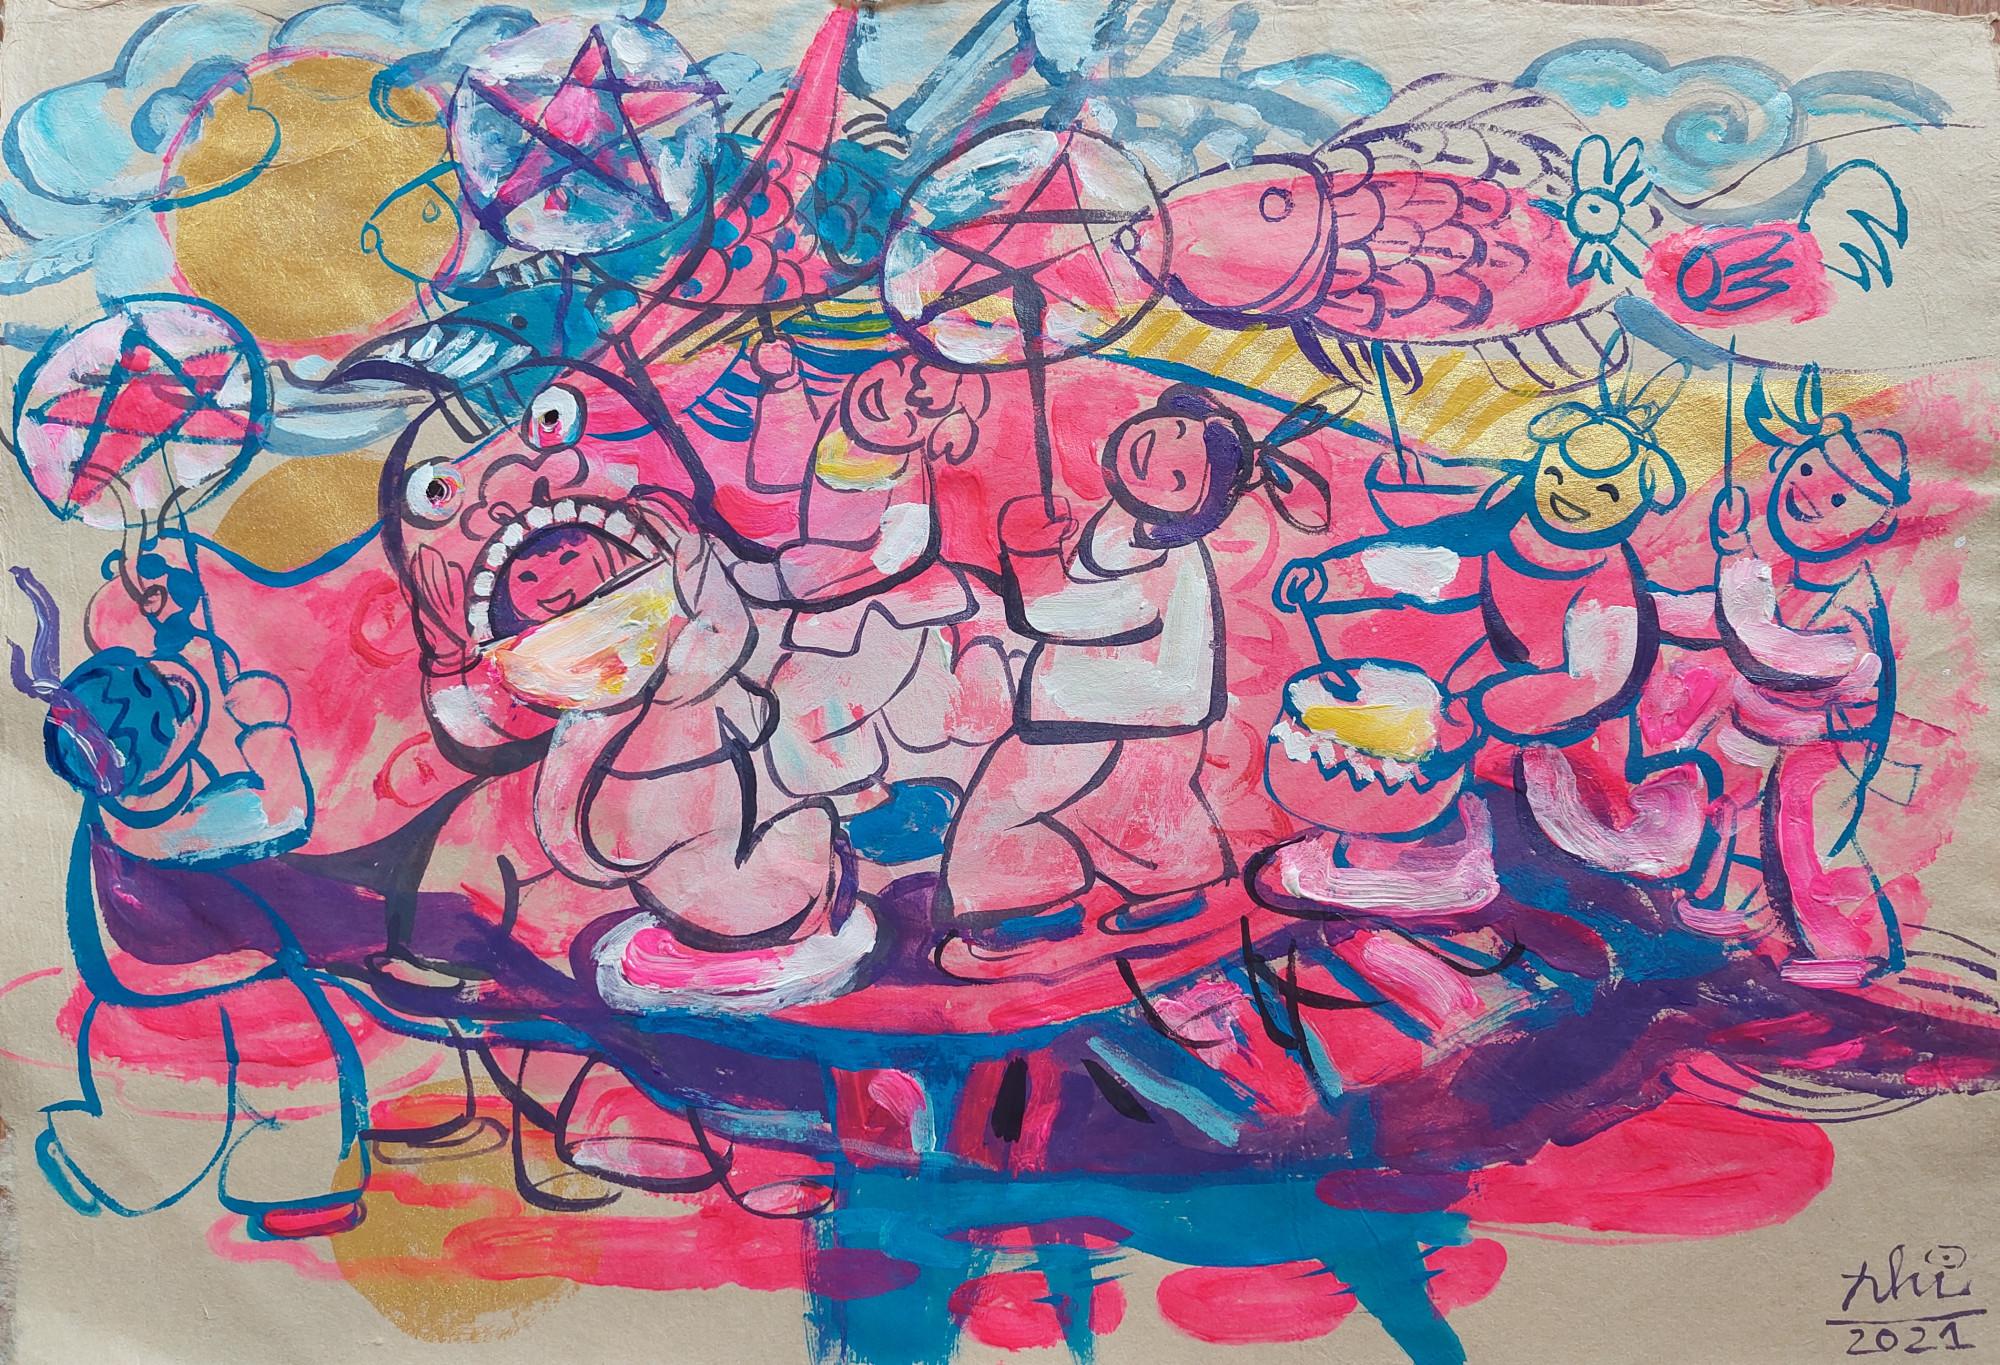 Tranh của họa sĩ Ngô Bình Nhi